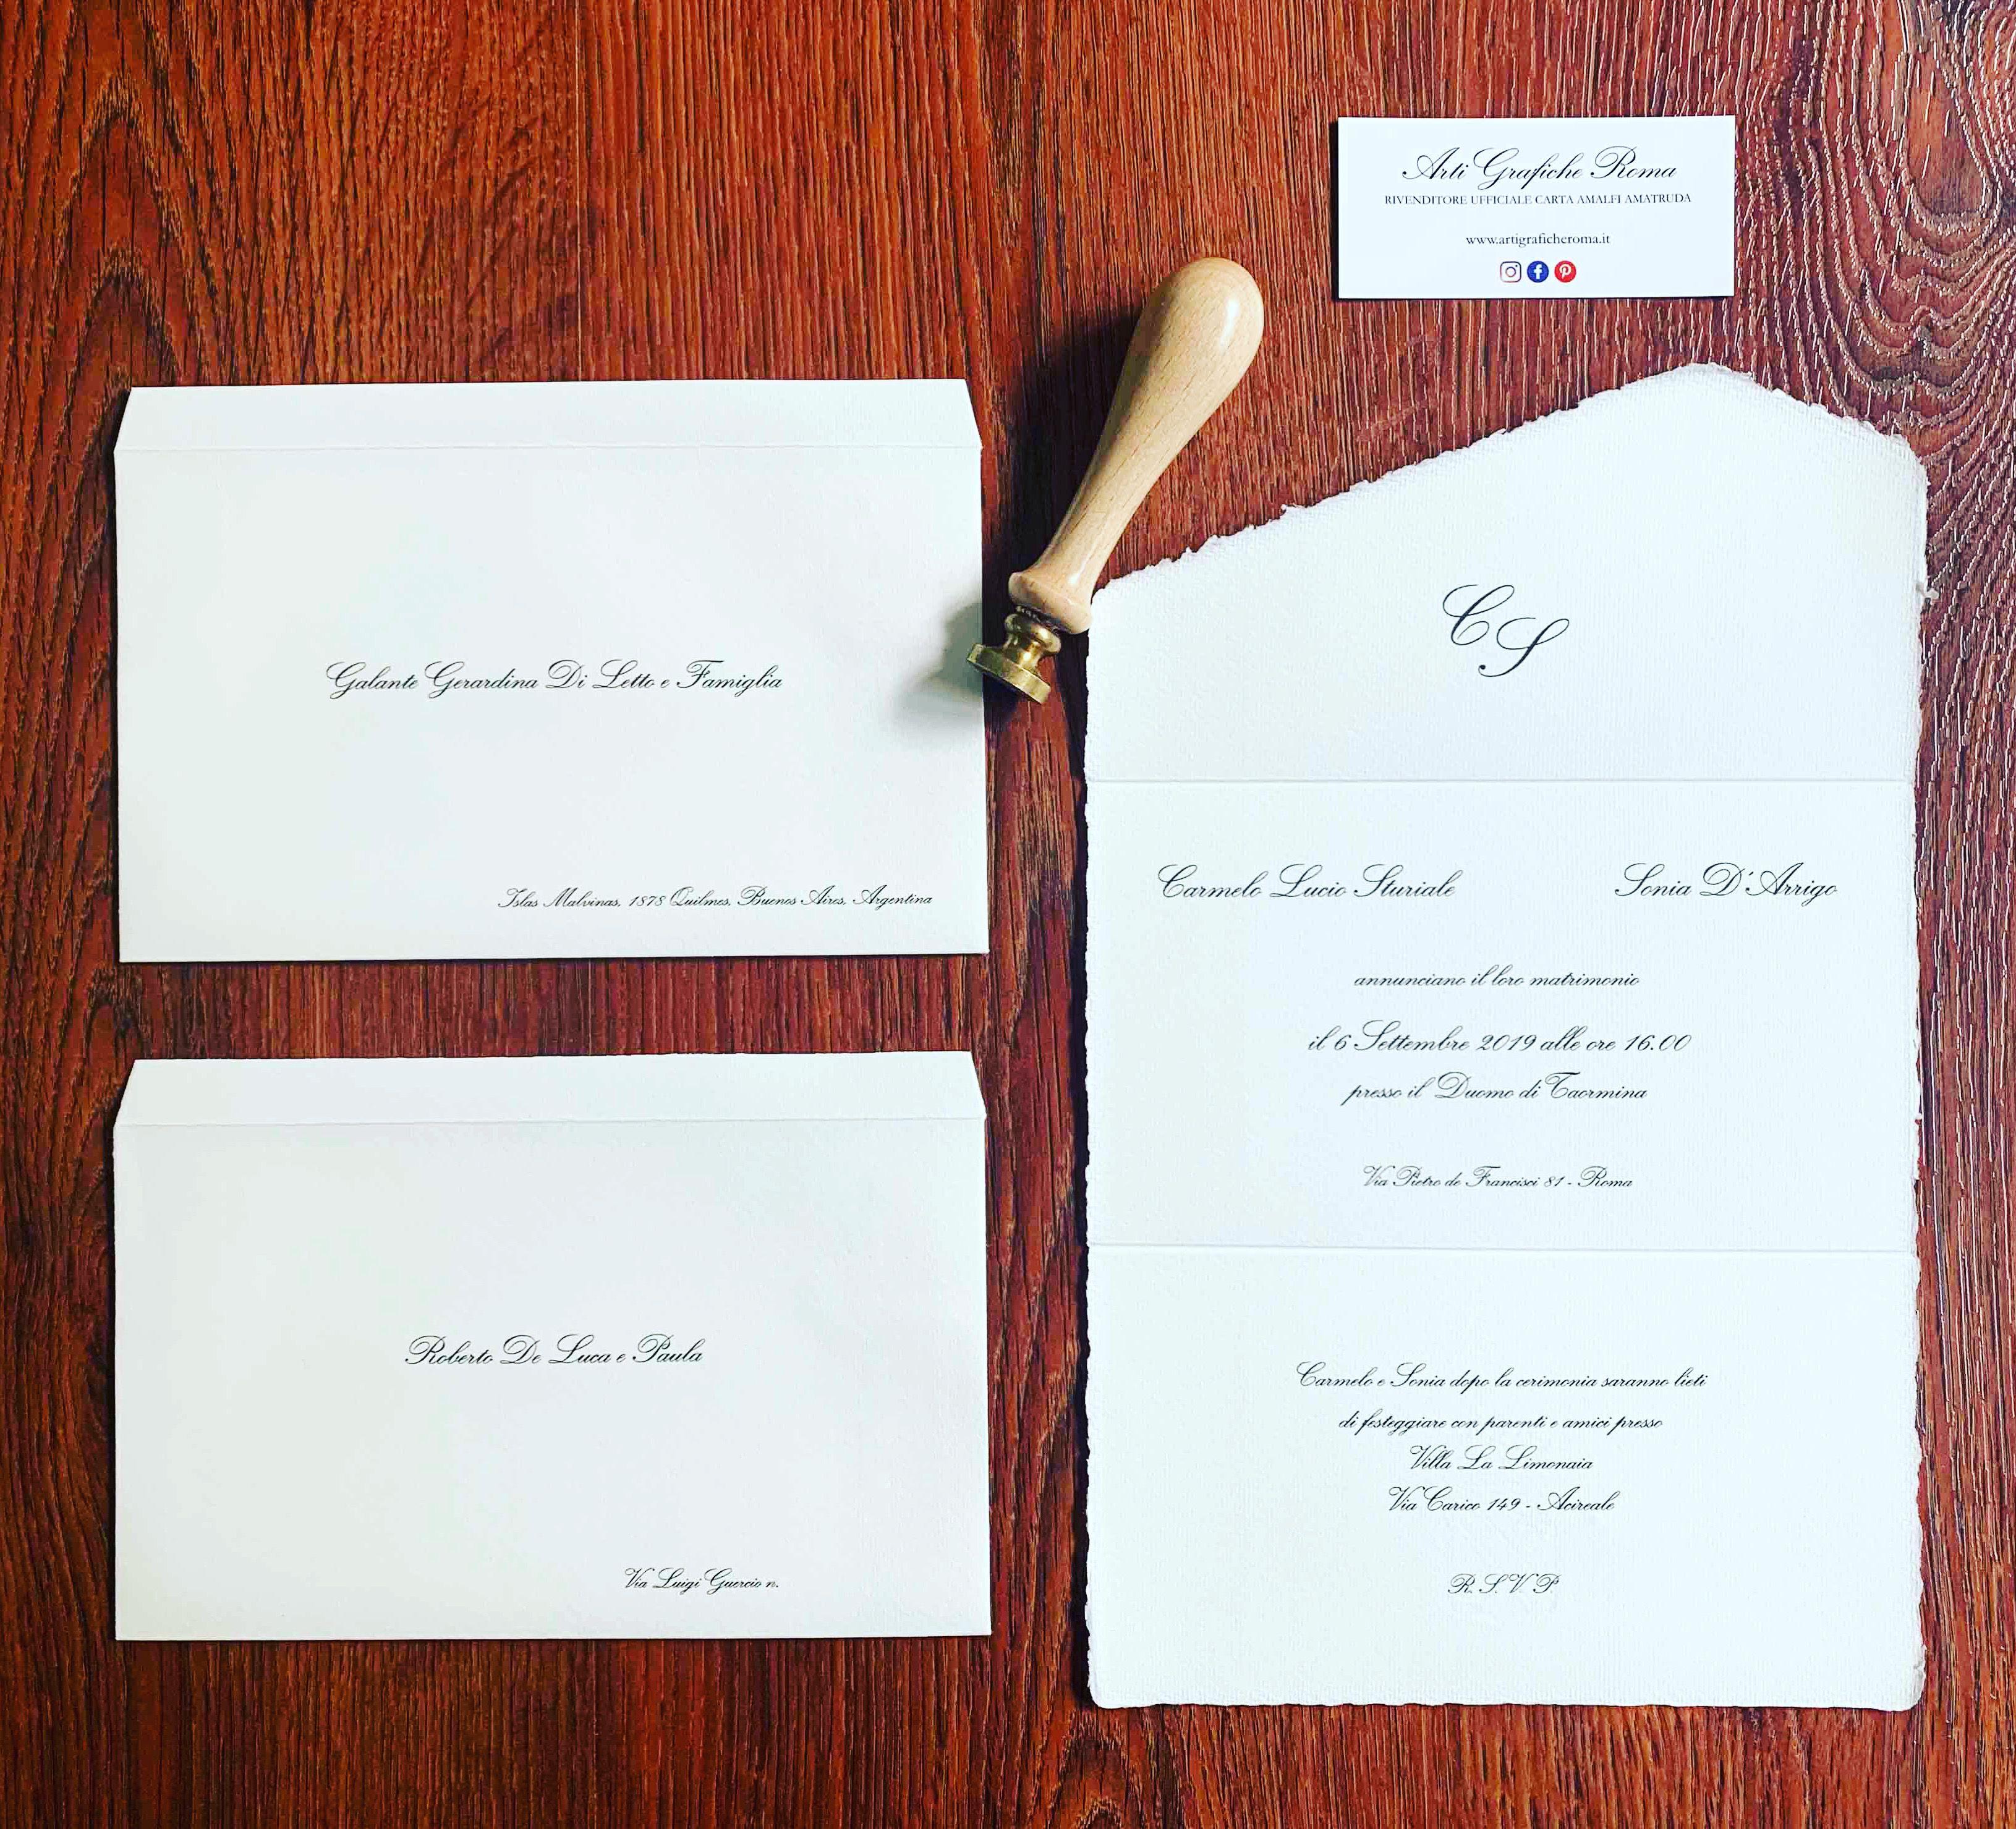 Partecipazioni Di Matrimonio Partecipazioni Nozze Partecipazione Di Matrimonio Partecipazione